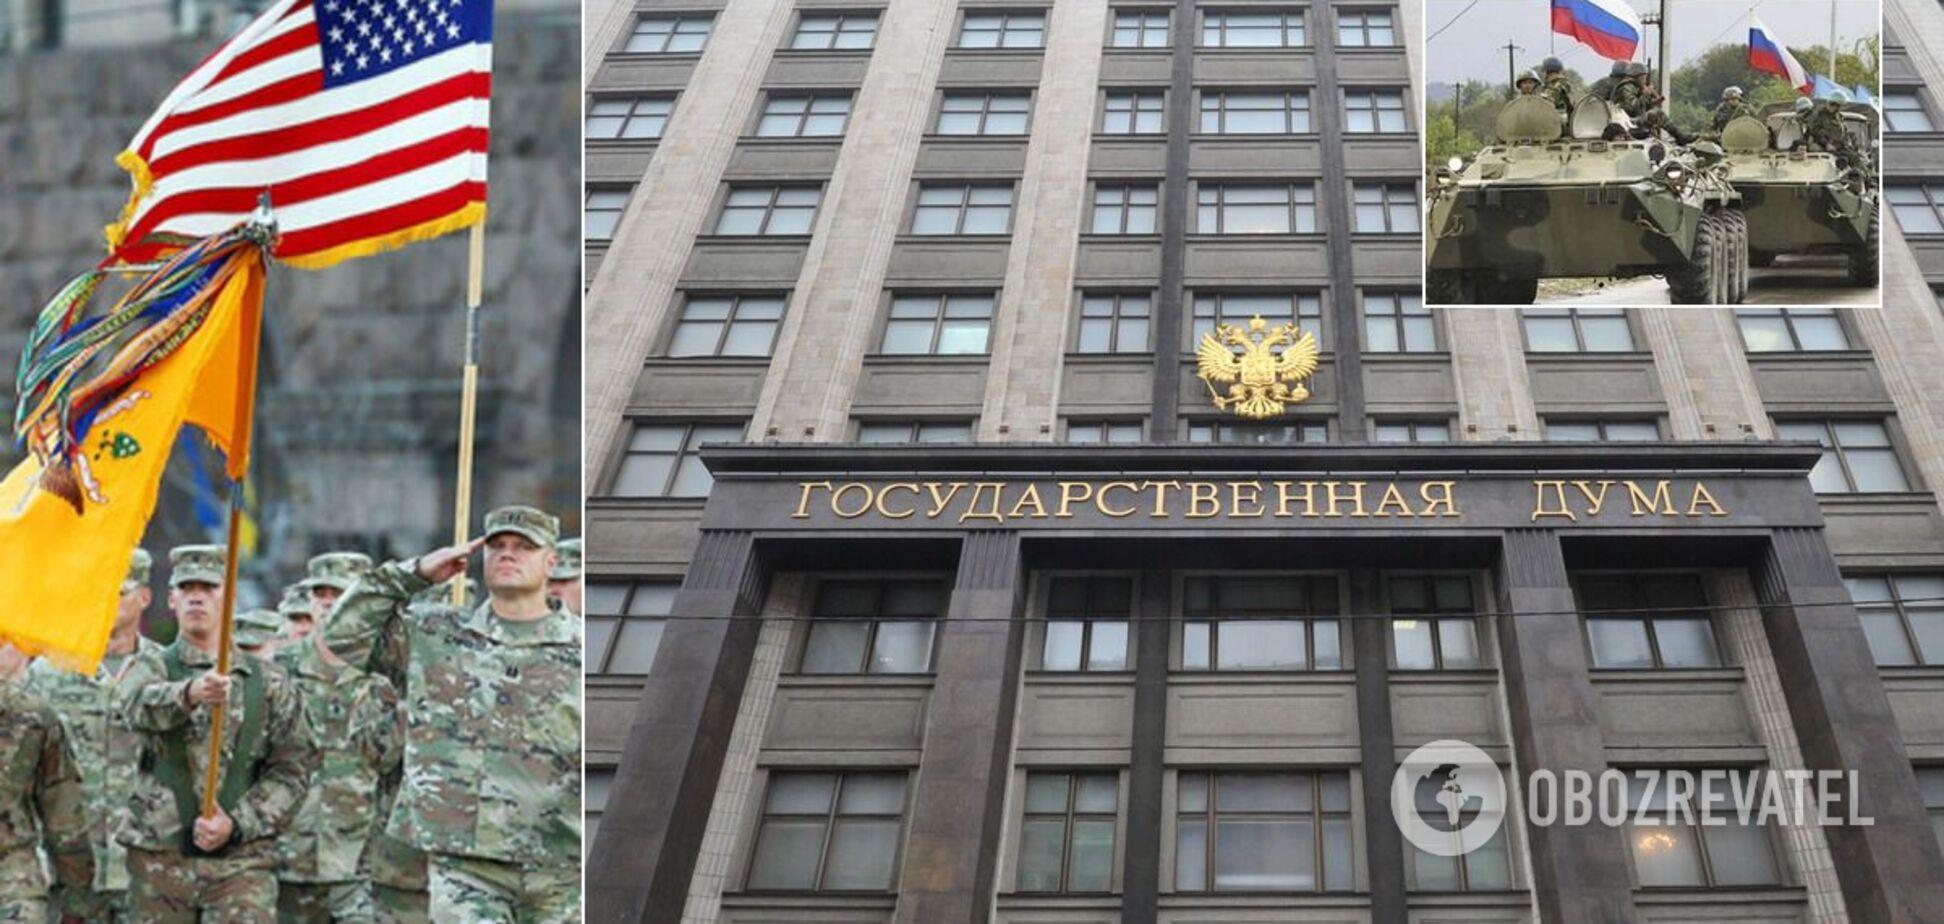 У Росії заговорили про офіційні поставки зброї в 'Л/ДНР'